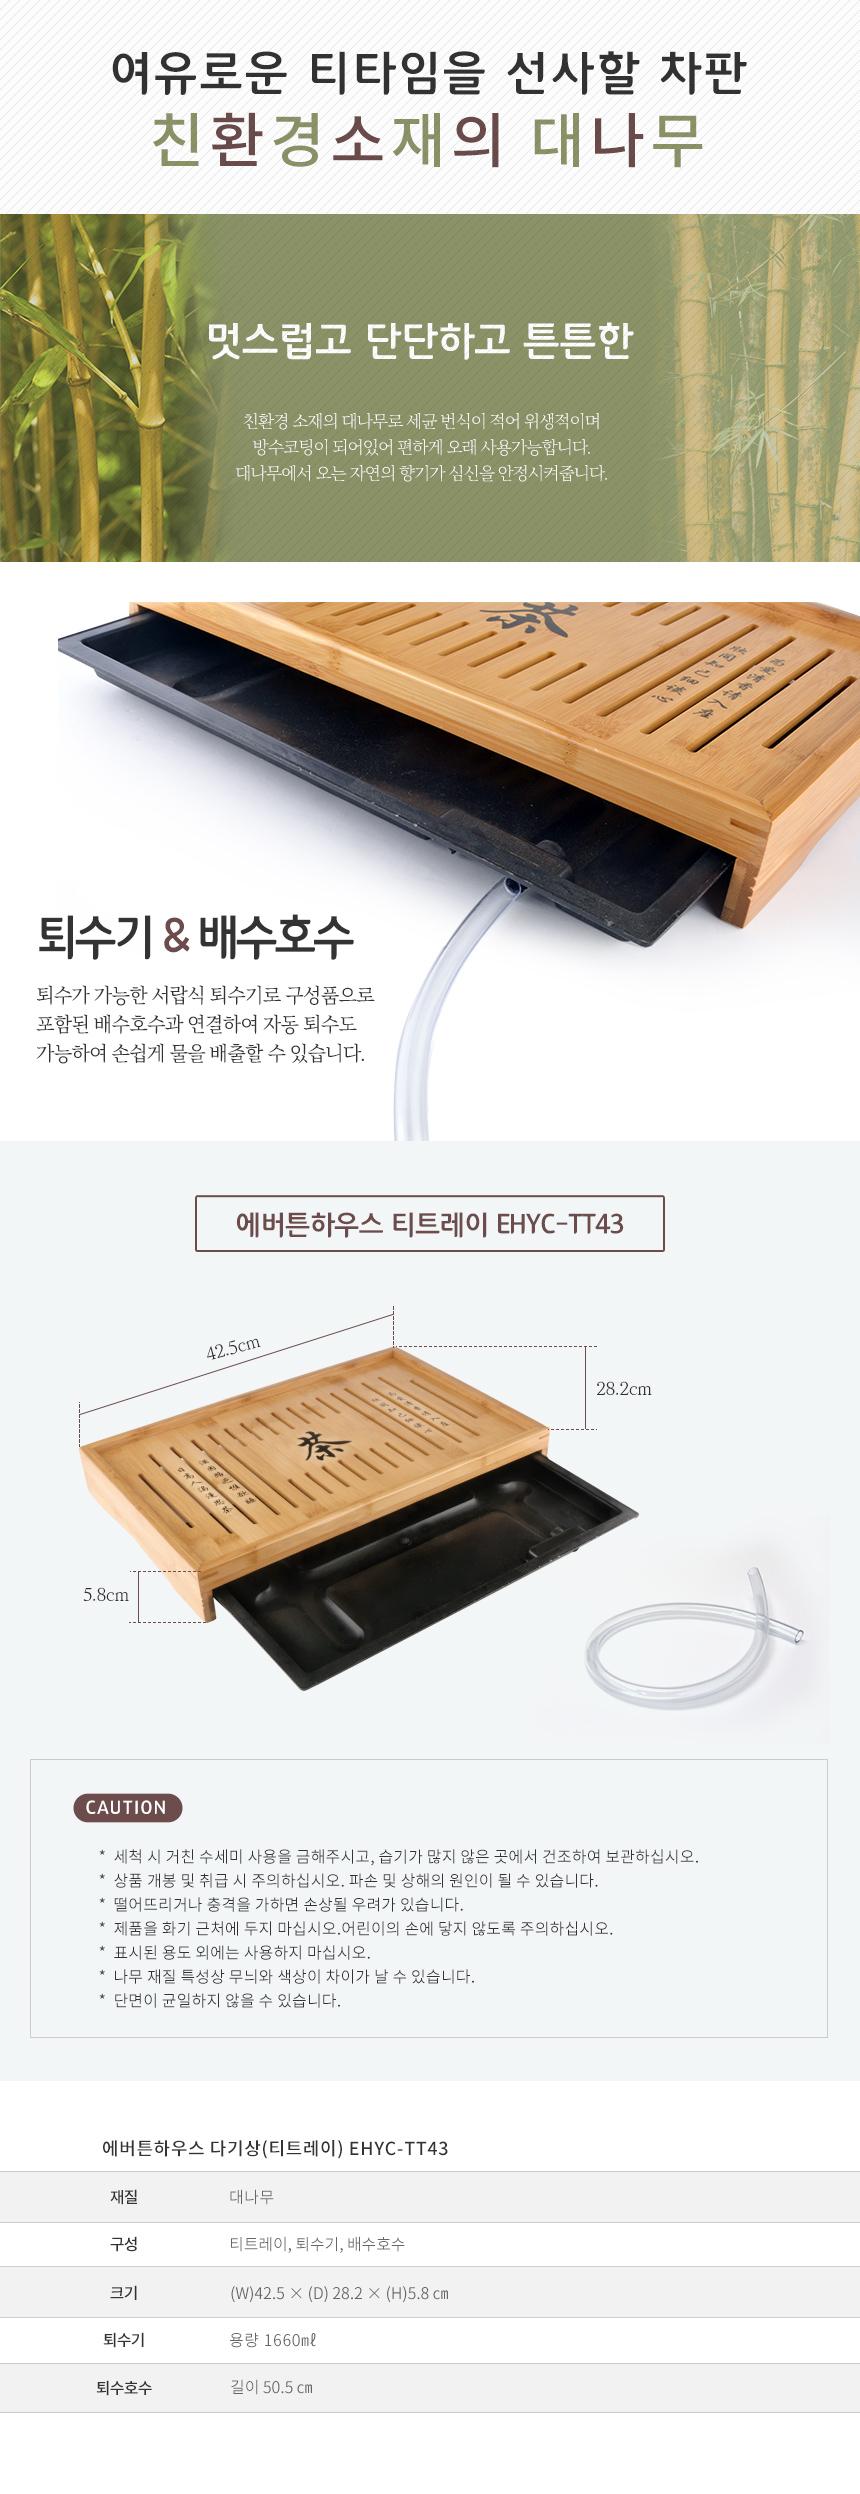 EHYC-TT43_02.jpg